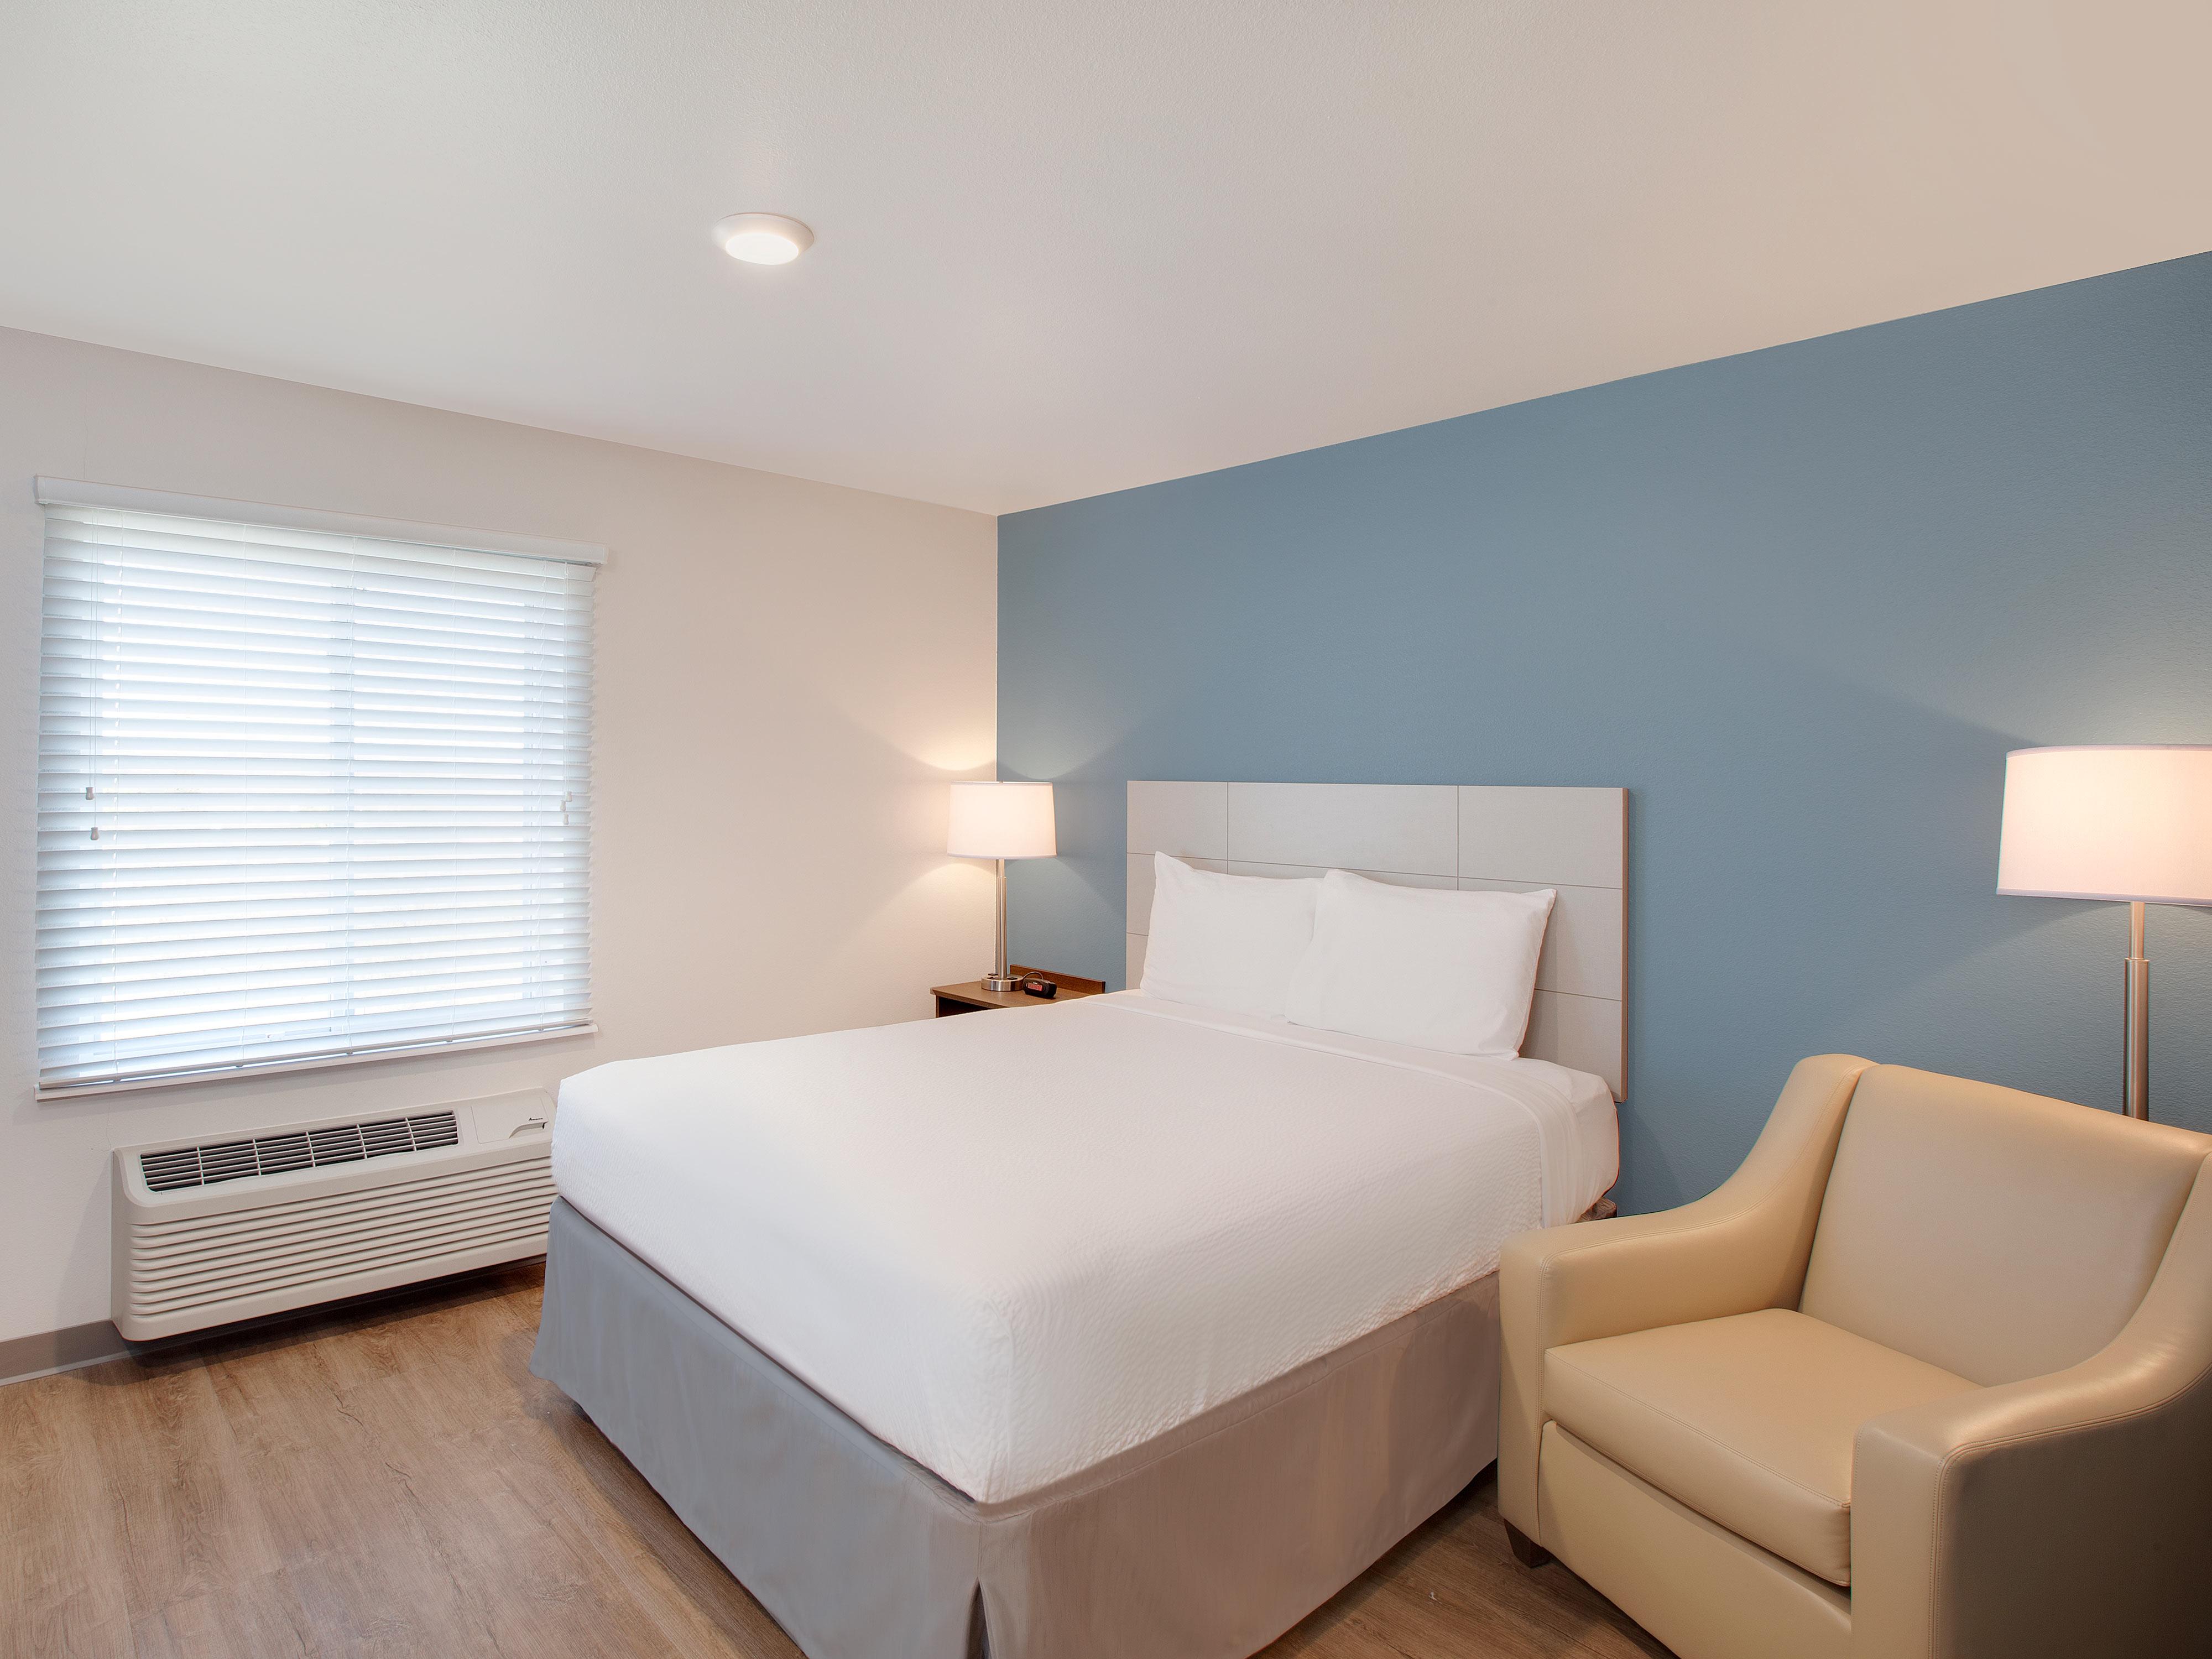 WoodSpring Suites Nashville Rivergate